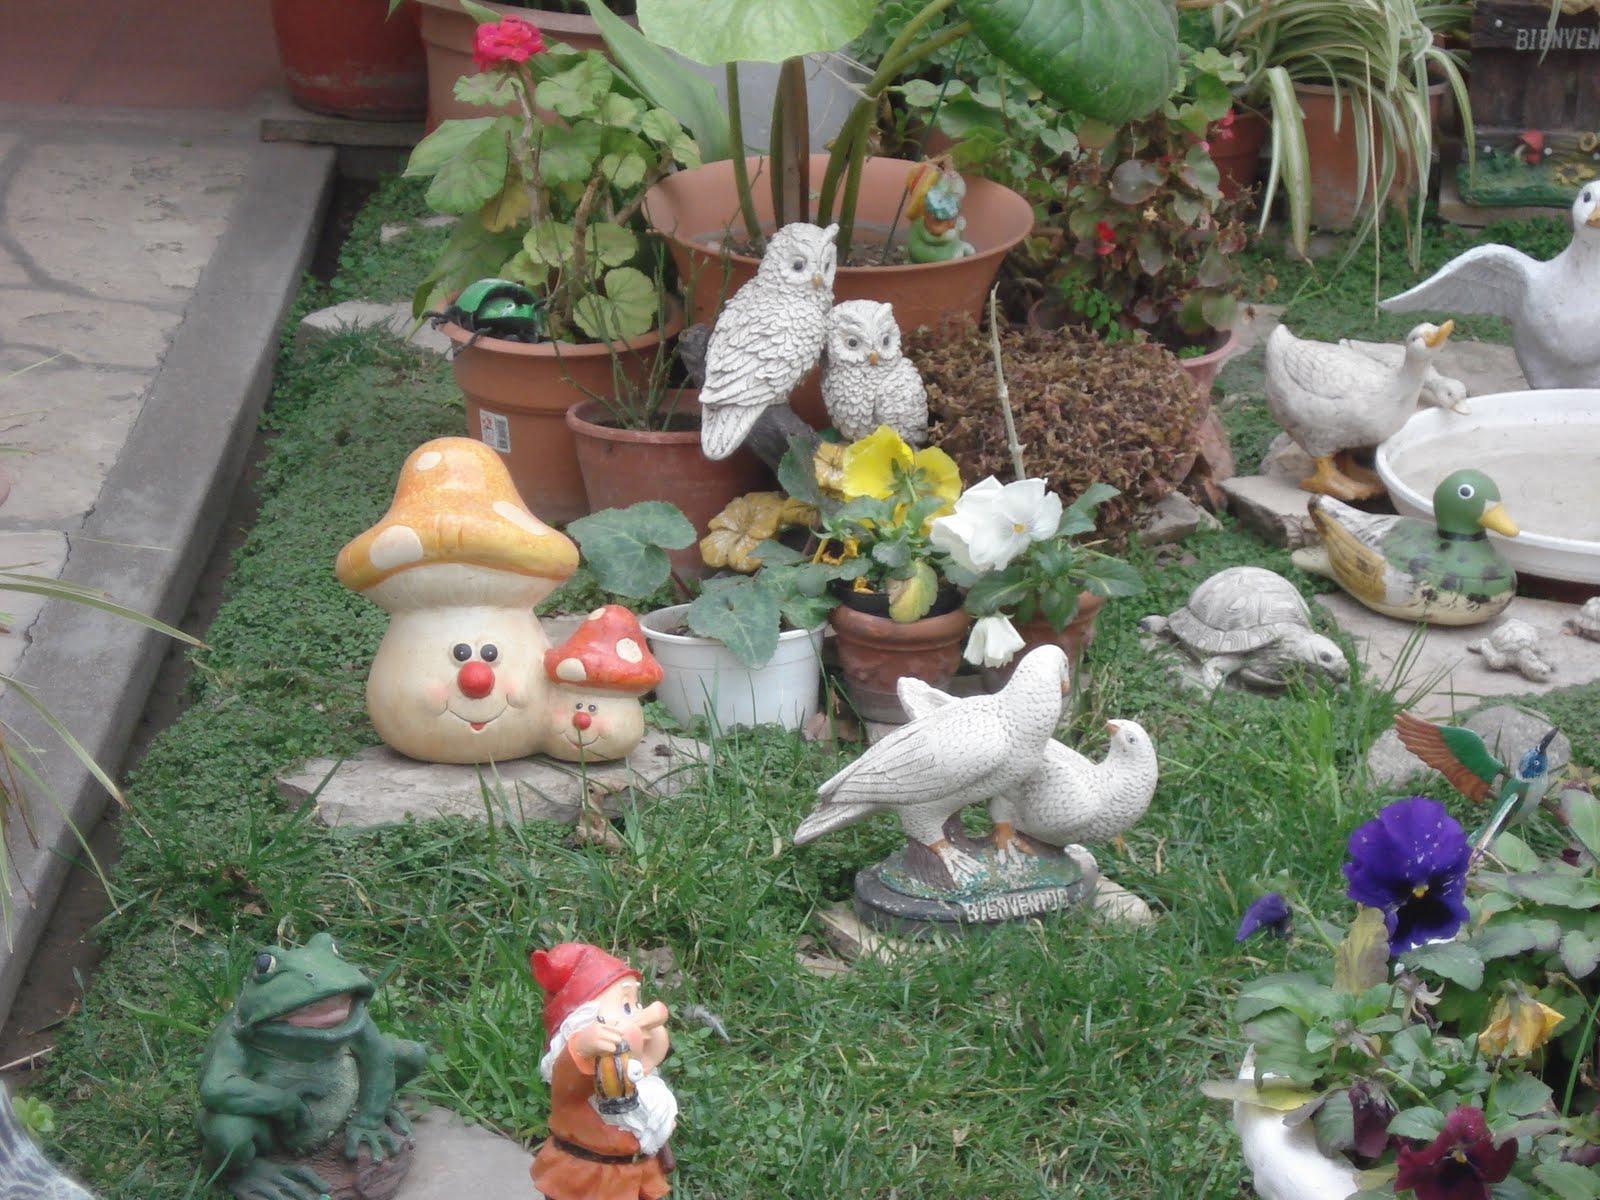 La bah a perdida enanos de jard n for Arbustos enanos para jardin